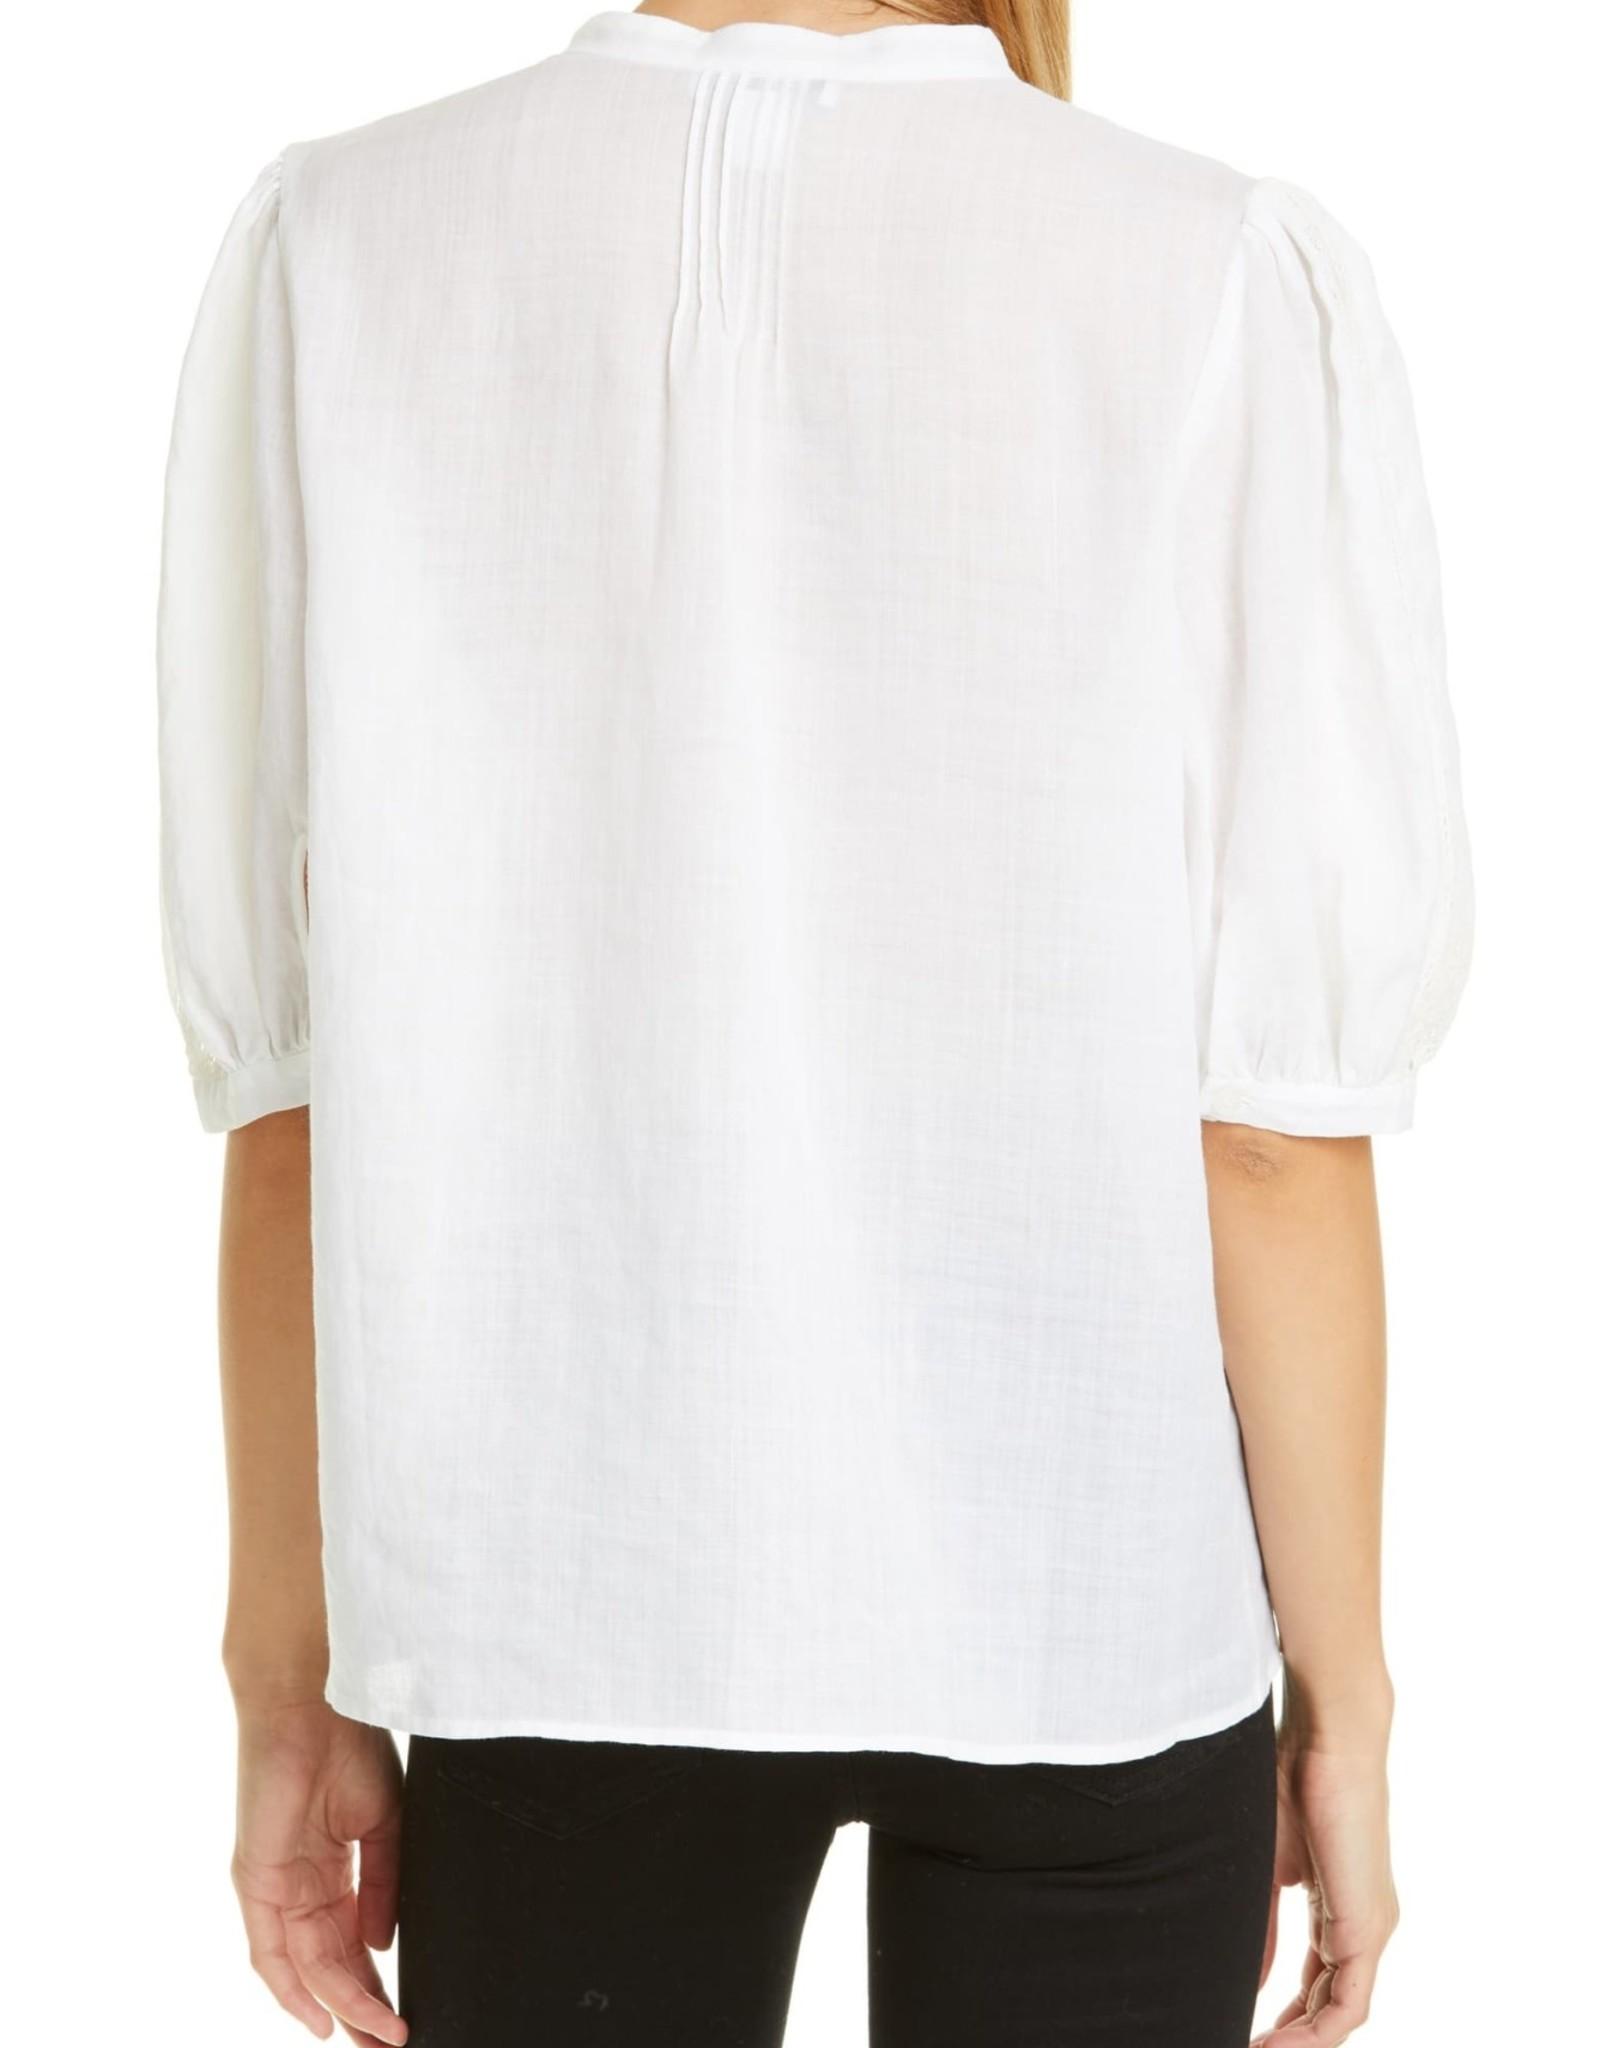 Nordstrom Signature Nordstrom Signature Lace Insert Cotton Blouse Sz XL